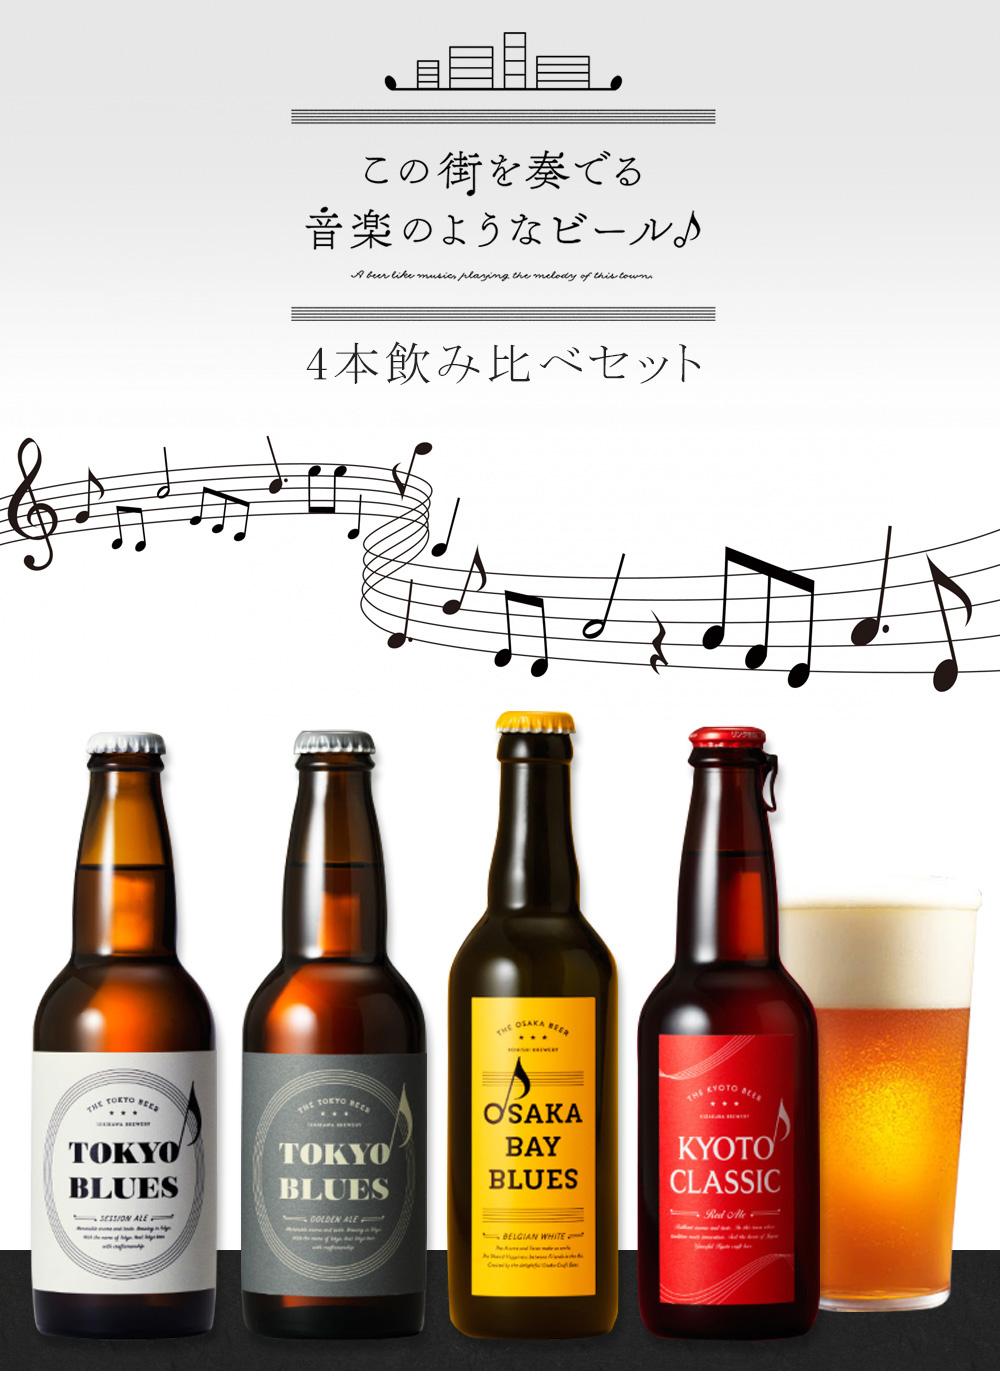 この街を奏でる音楽のようなビール 4本 飲み比べセット